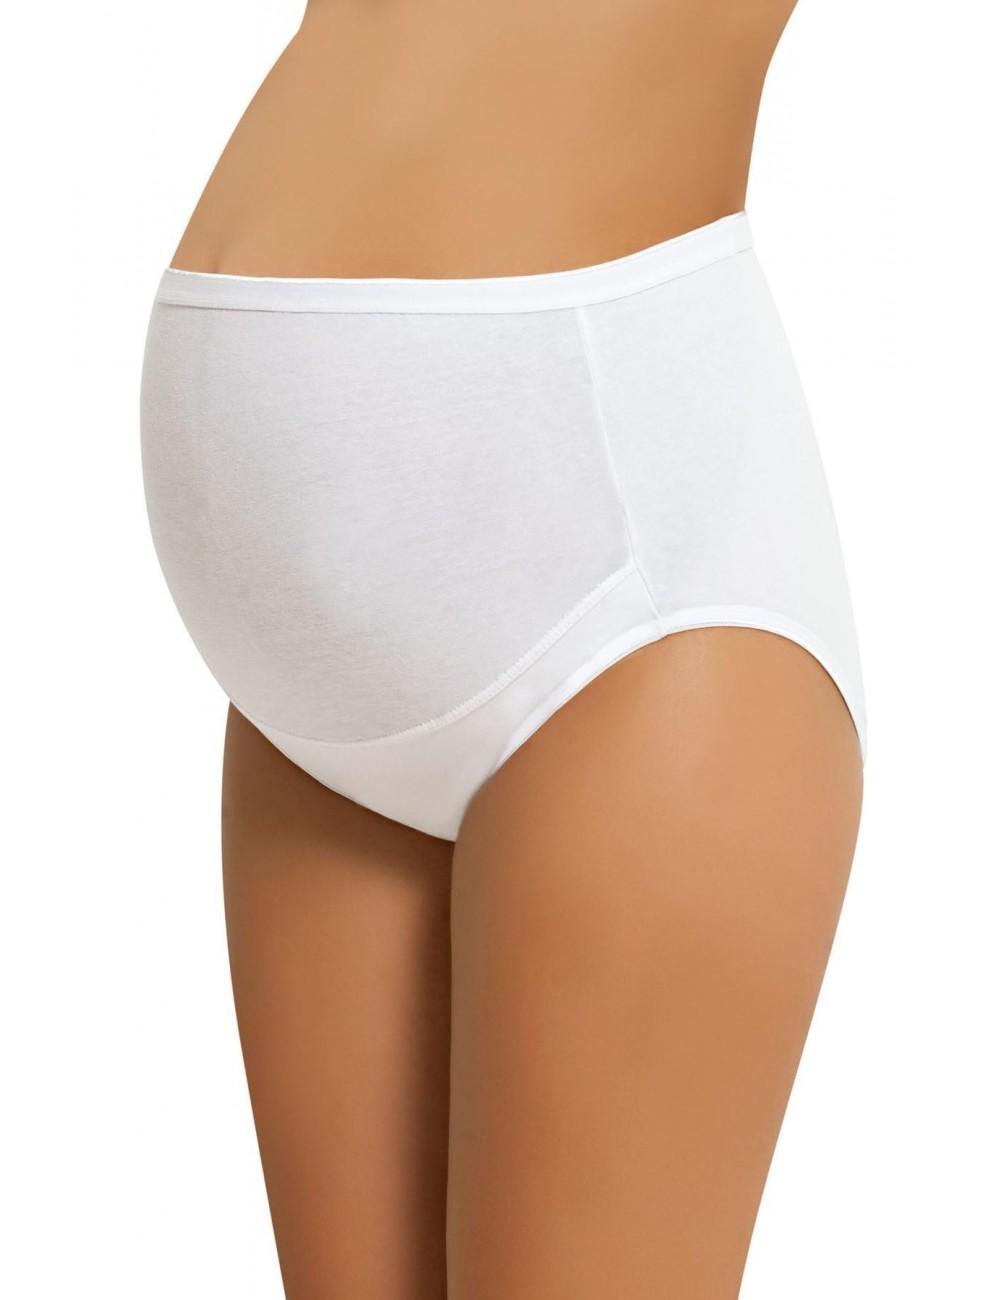 Γυναικείο βαμβακερό εσώρουχο- σλιπ εγκυμοσύνης